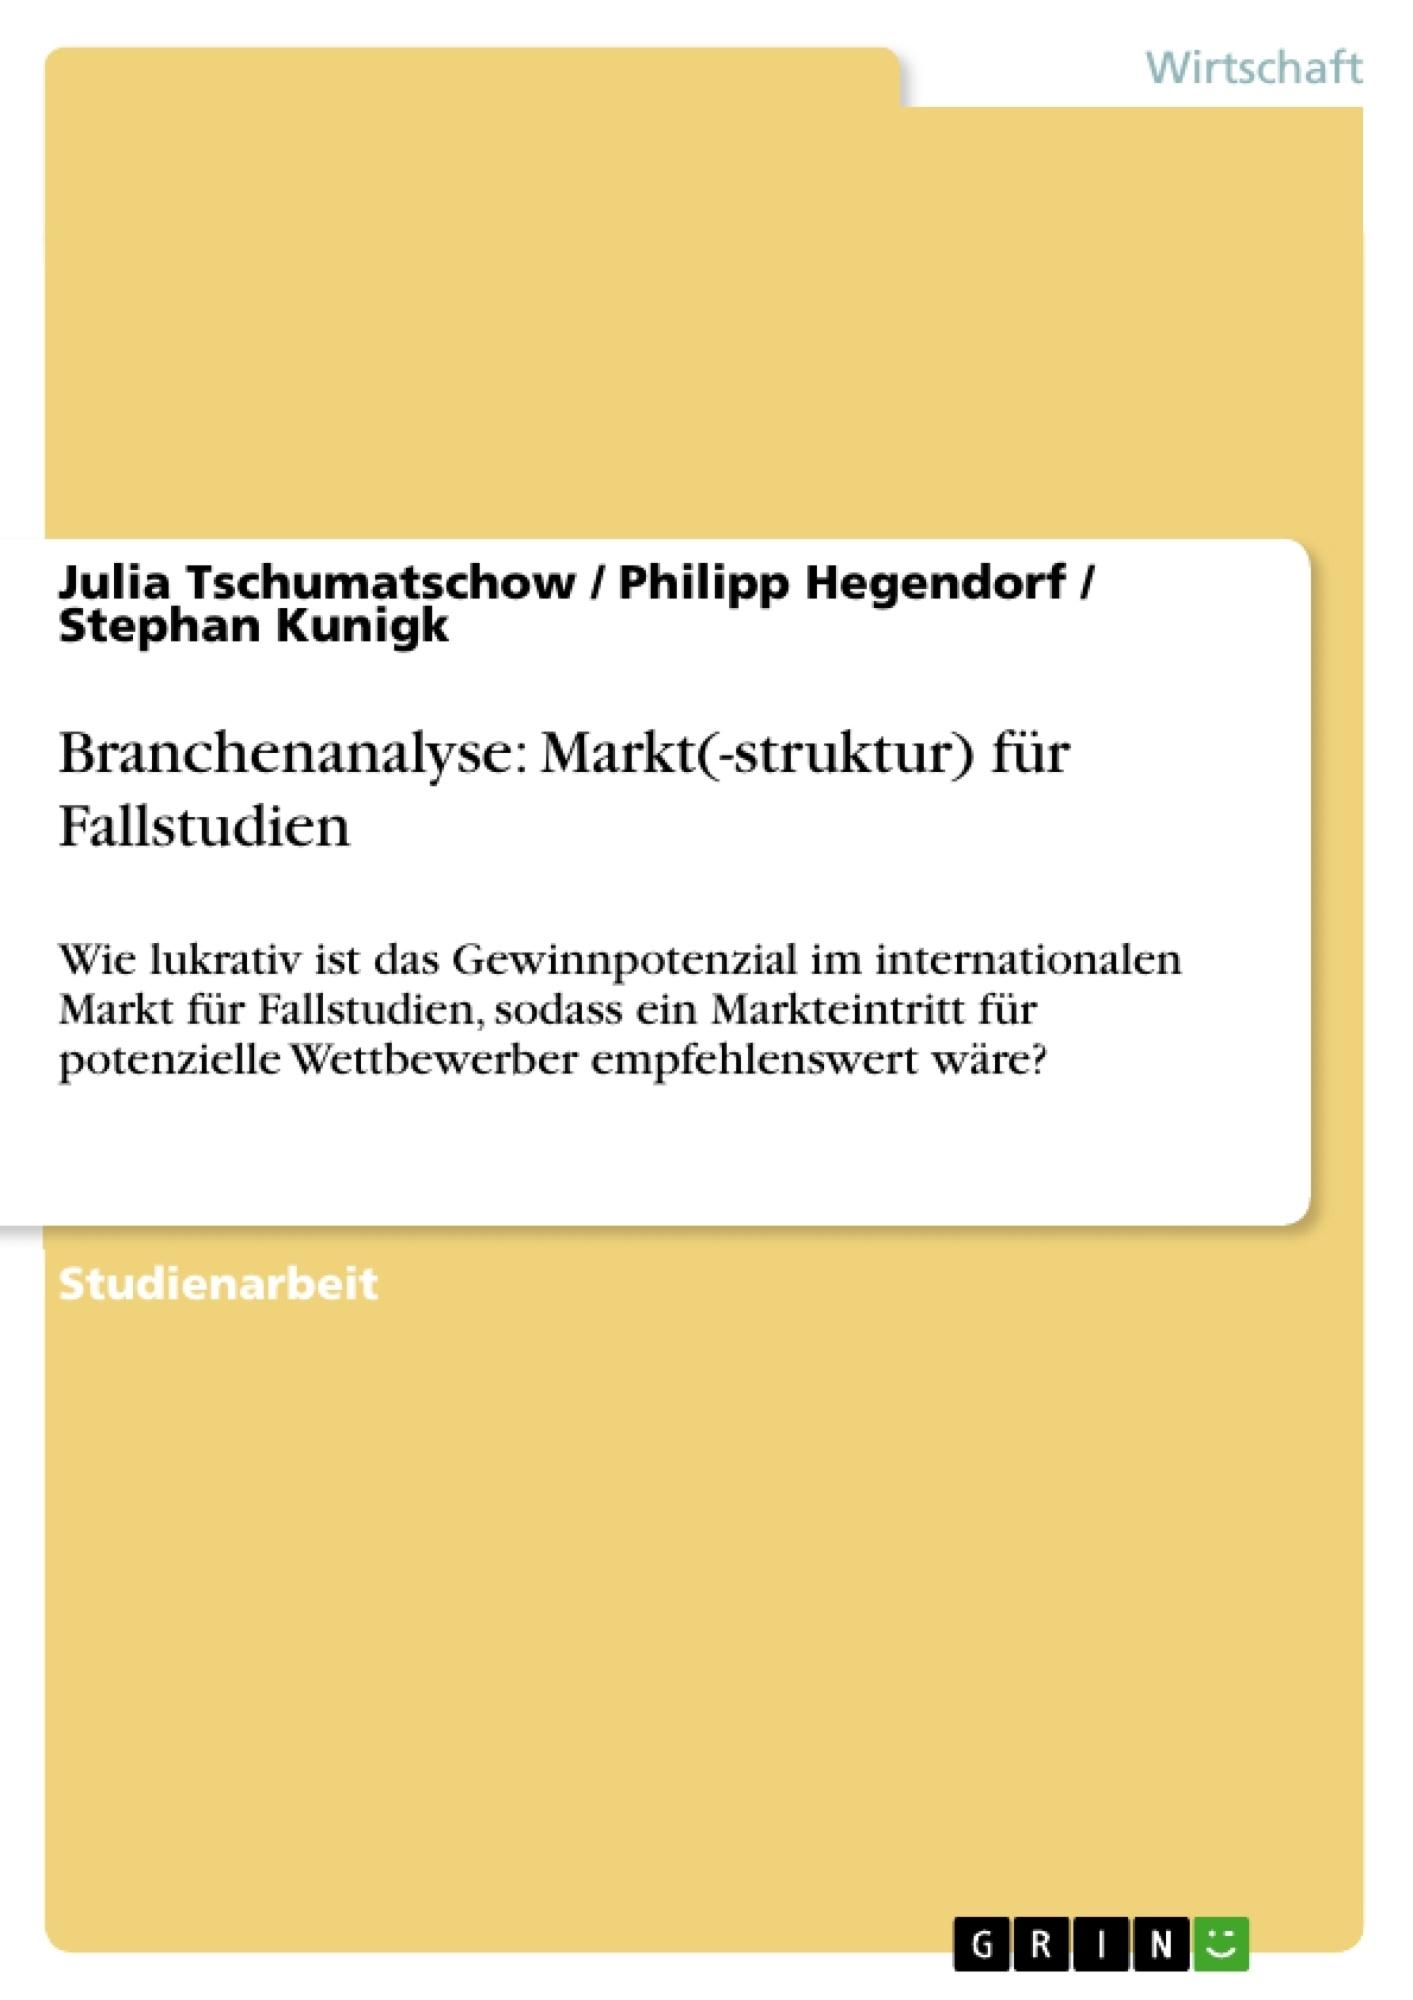 Titel: Branchenanalyse: Markt(-struktur) für Fallstudien